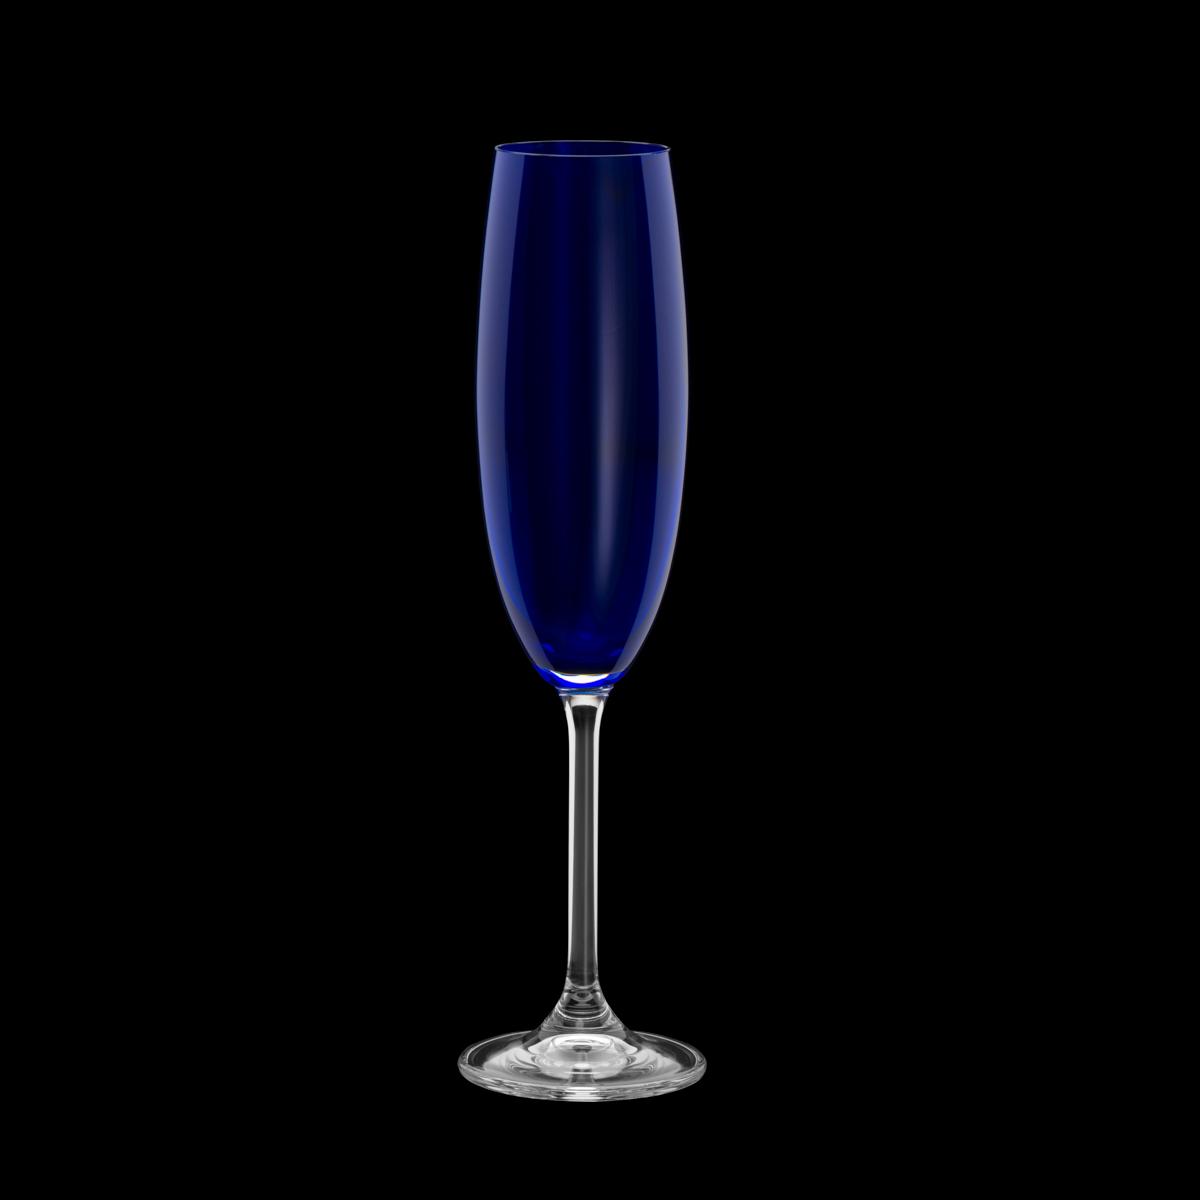 Jogo 6 taças champanhe cristal colibri cobalto 220ml Bohemia